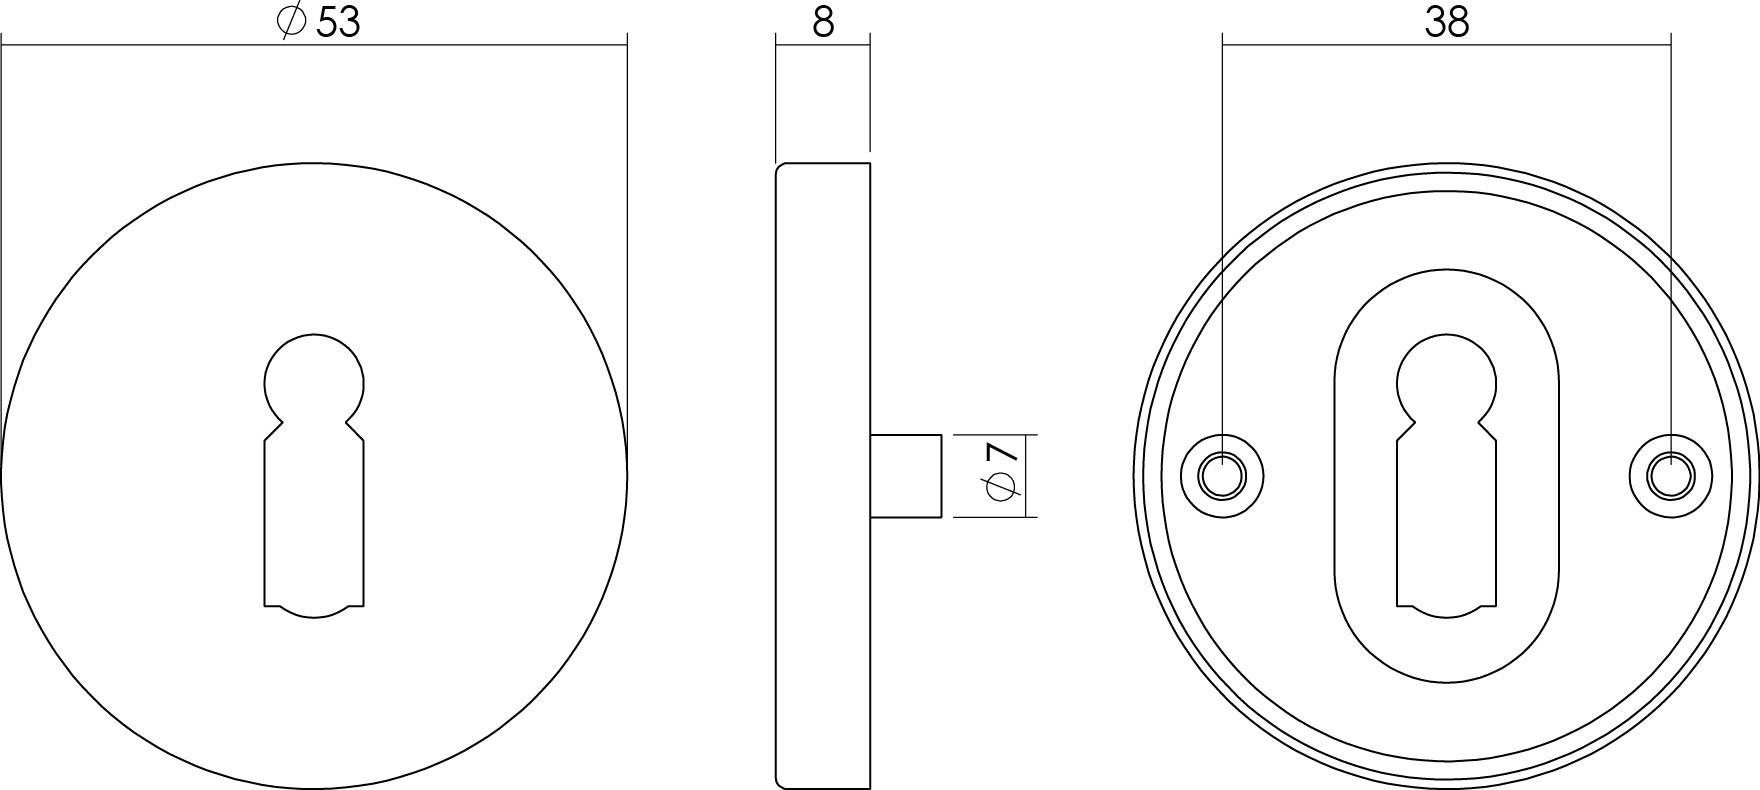 technische tekening sleutelplaatje rond staal